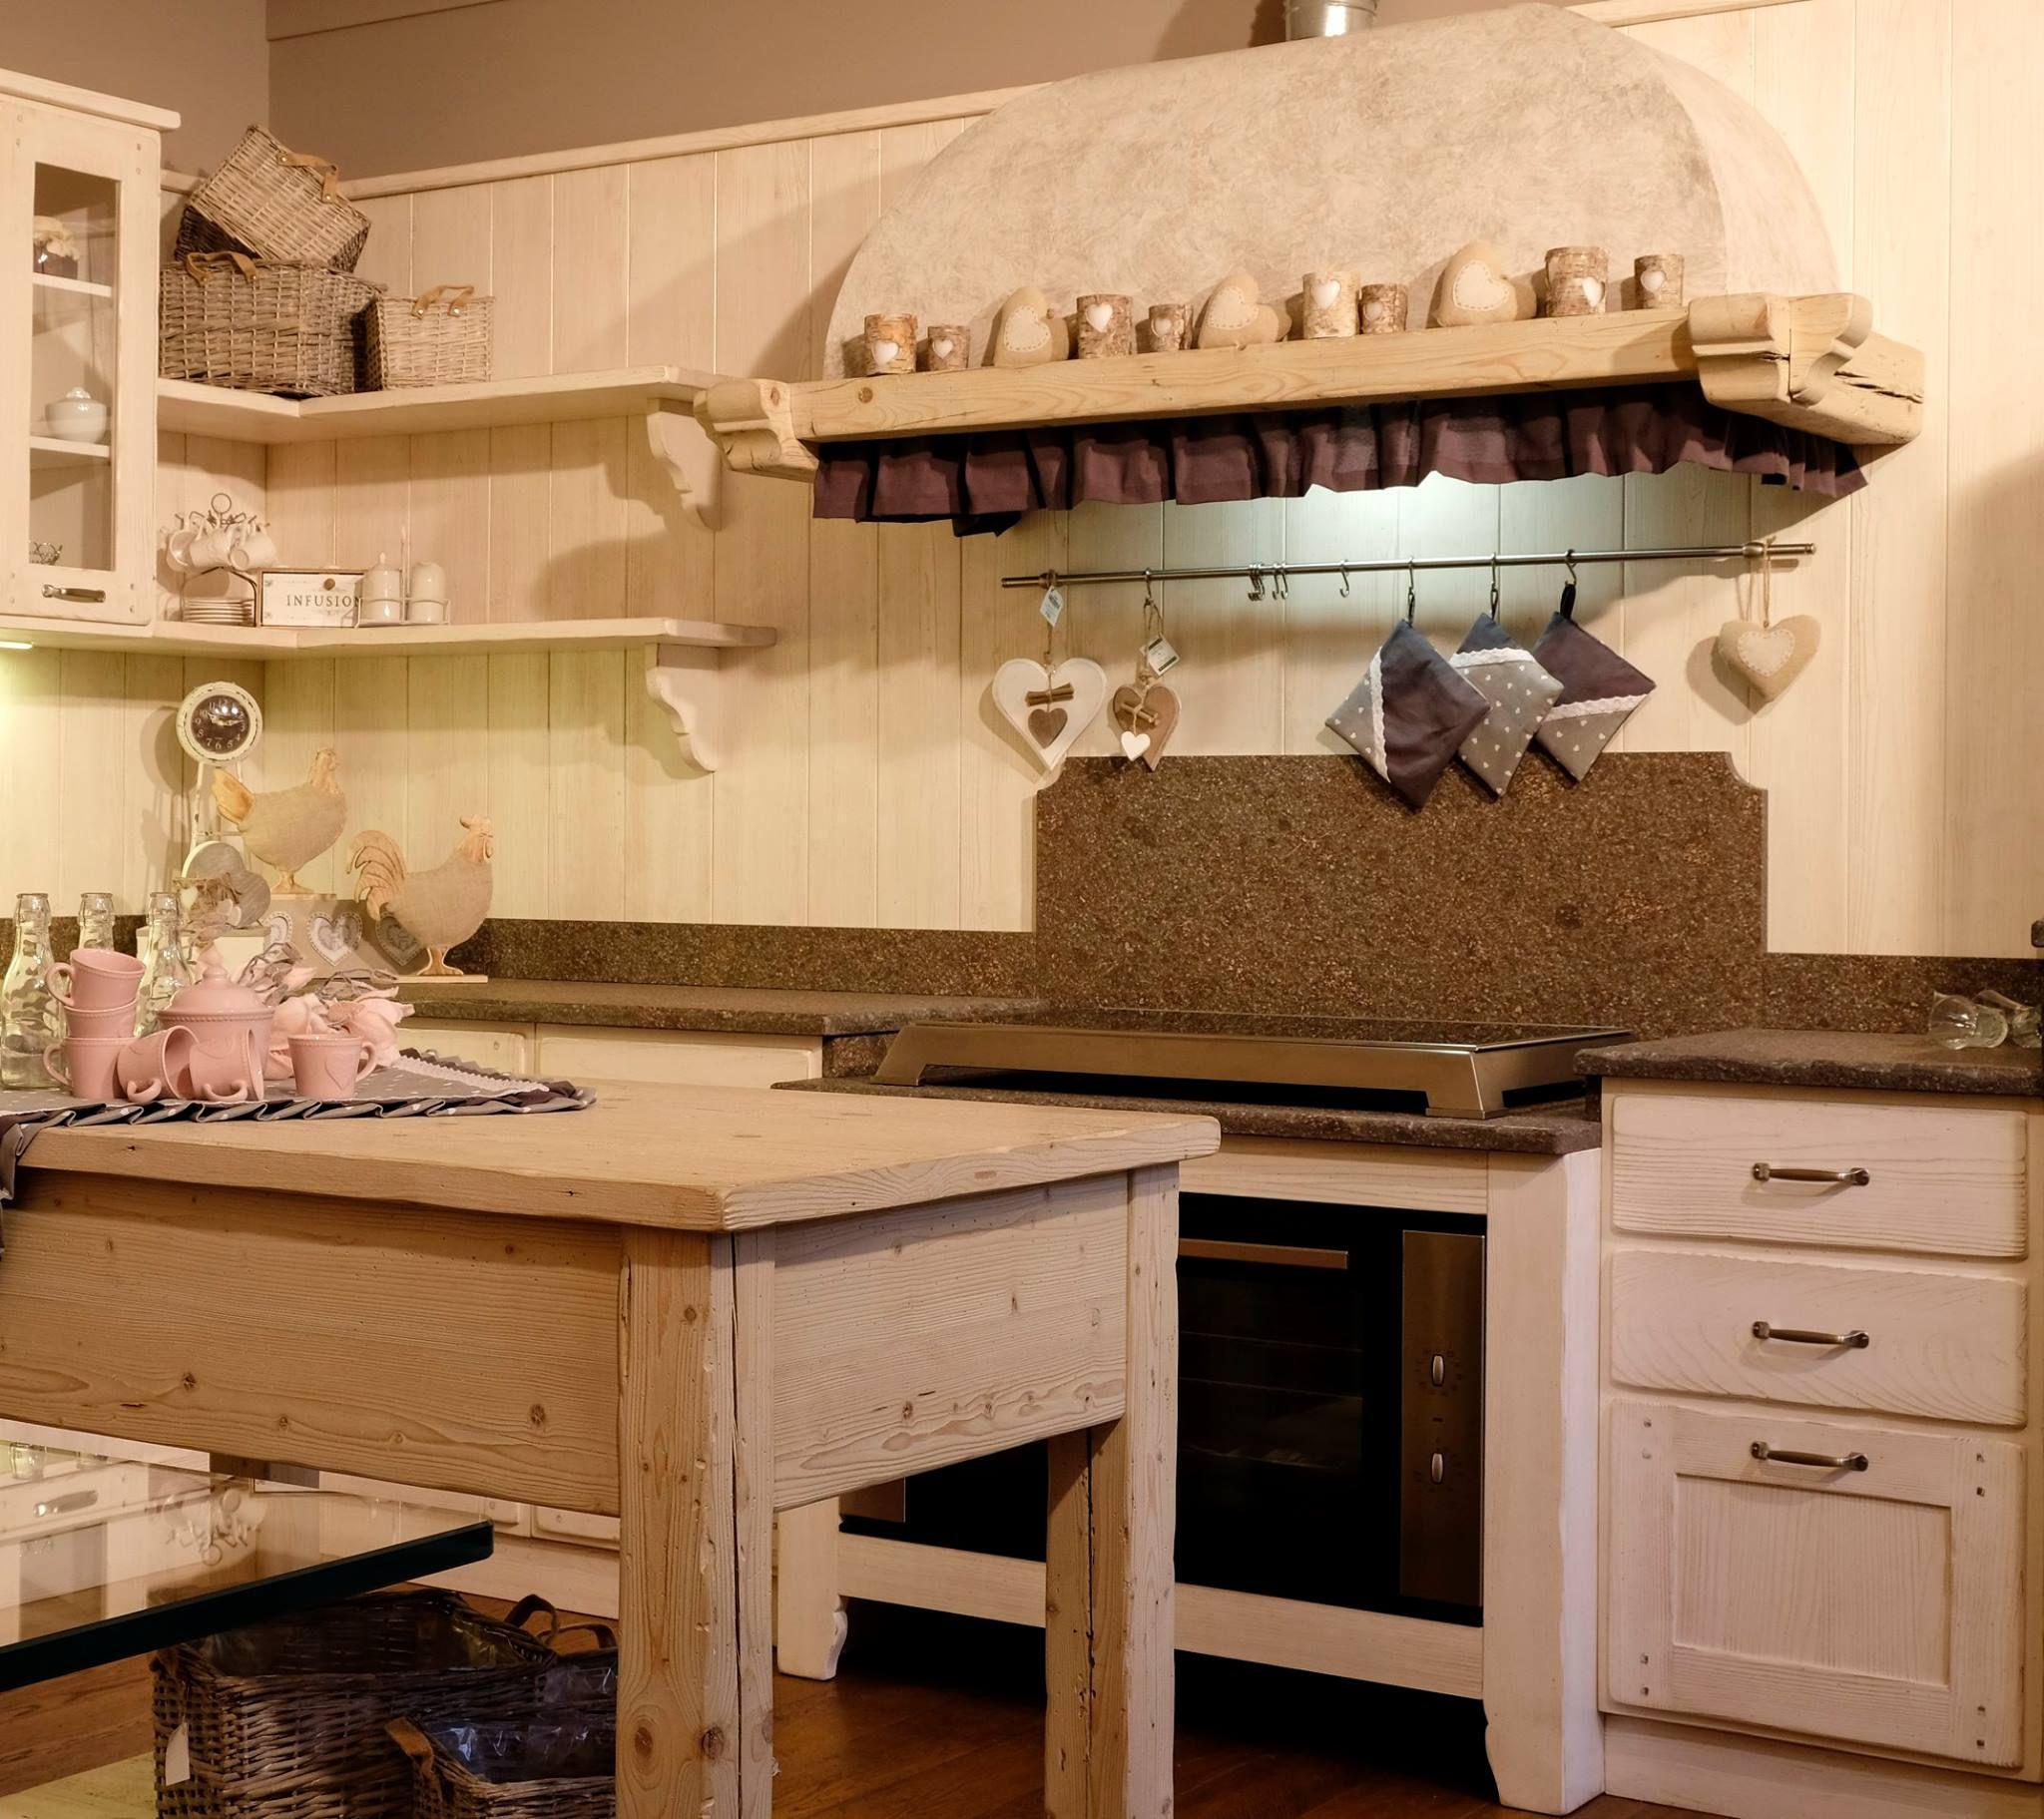 Cucina Piano Cottura E Forno. Beautiful Berloni Cucina Componibile ...